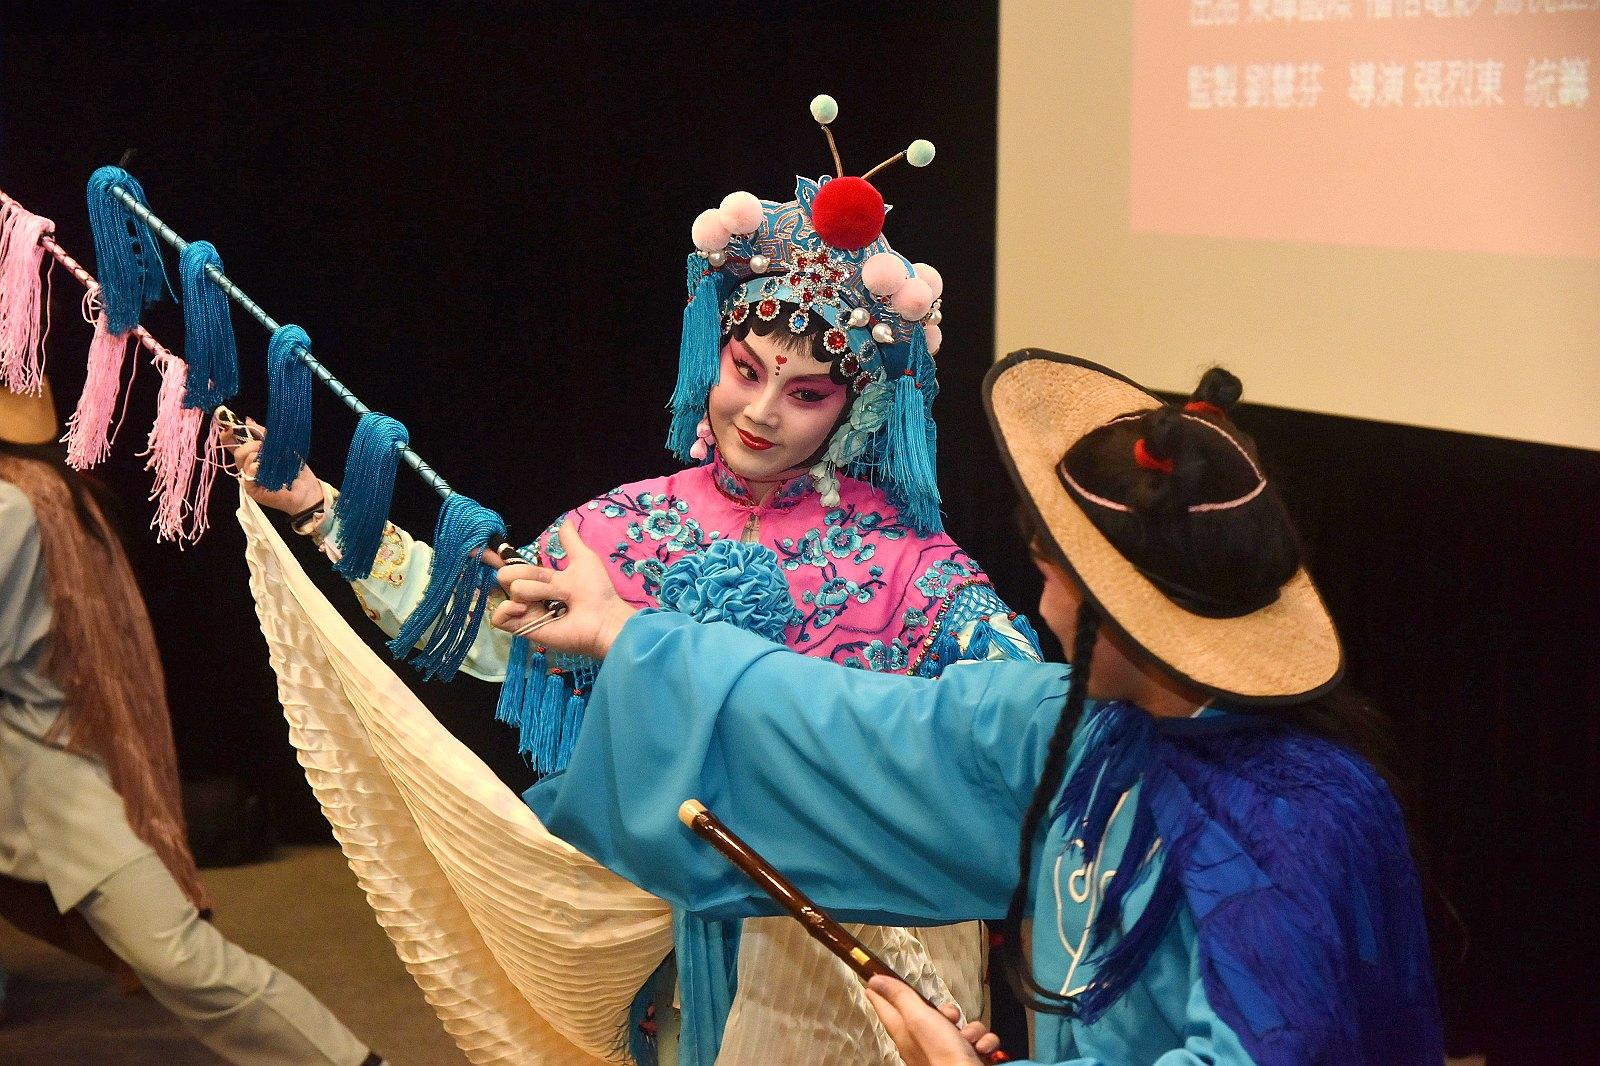 《璀璨年代之好戲連臺》特映會 朱市長邀請欣賞京劇藝術